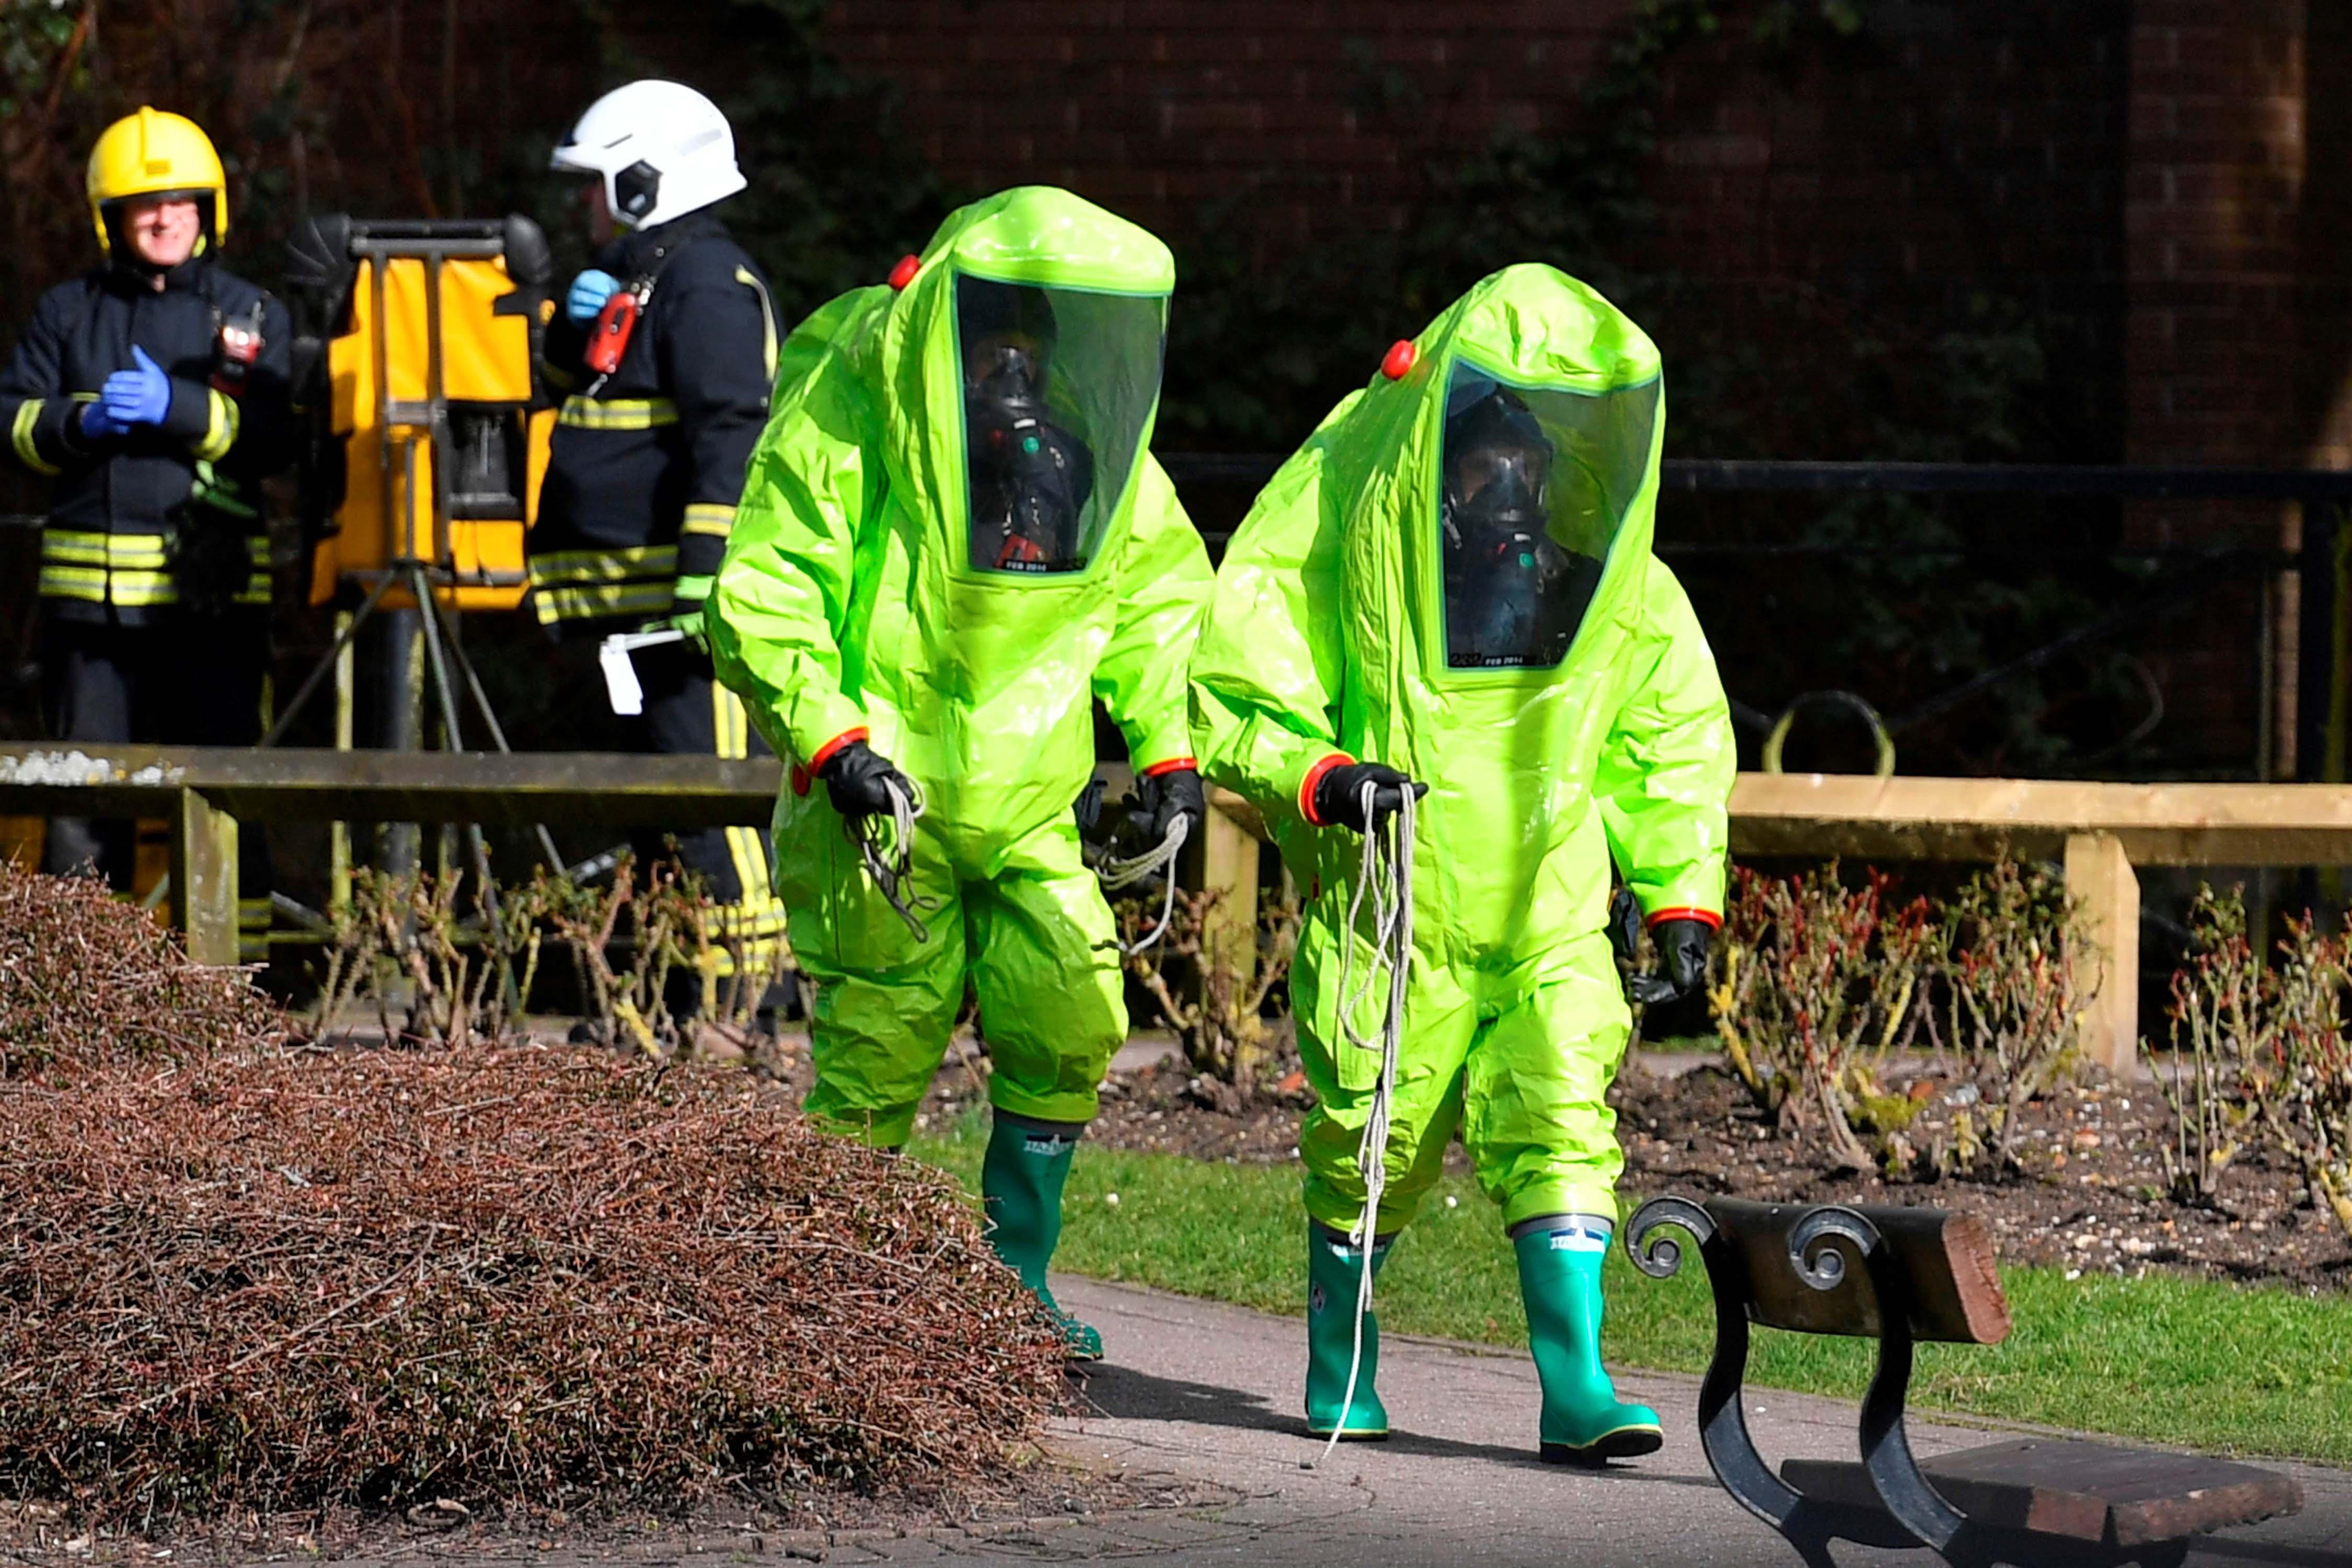 Policías con trajes especiales investigan el lugar donde fue encontrado Skripal con su hija.